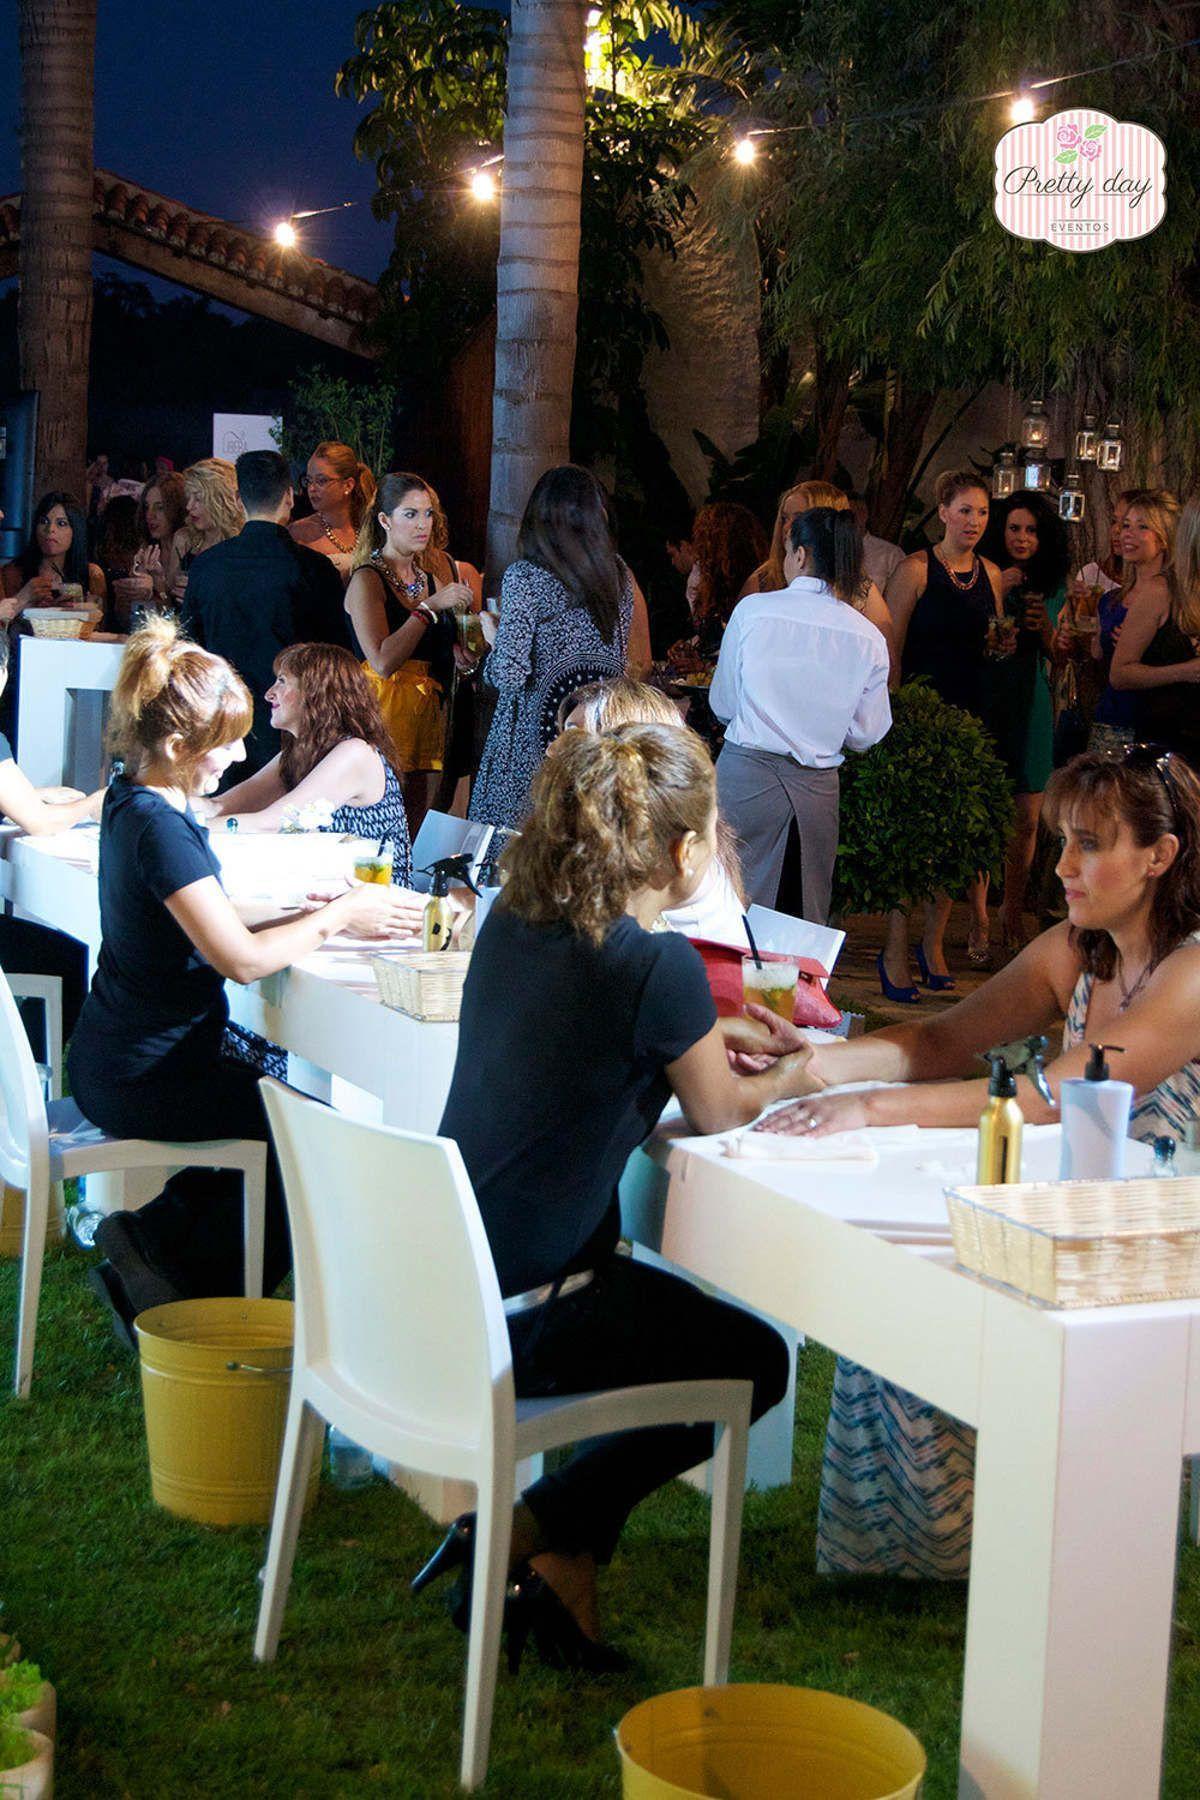 Giorgio Armani Promotion Event - Pretty Day Eventos fae007a9335